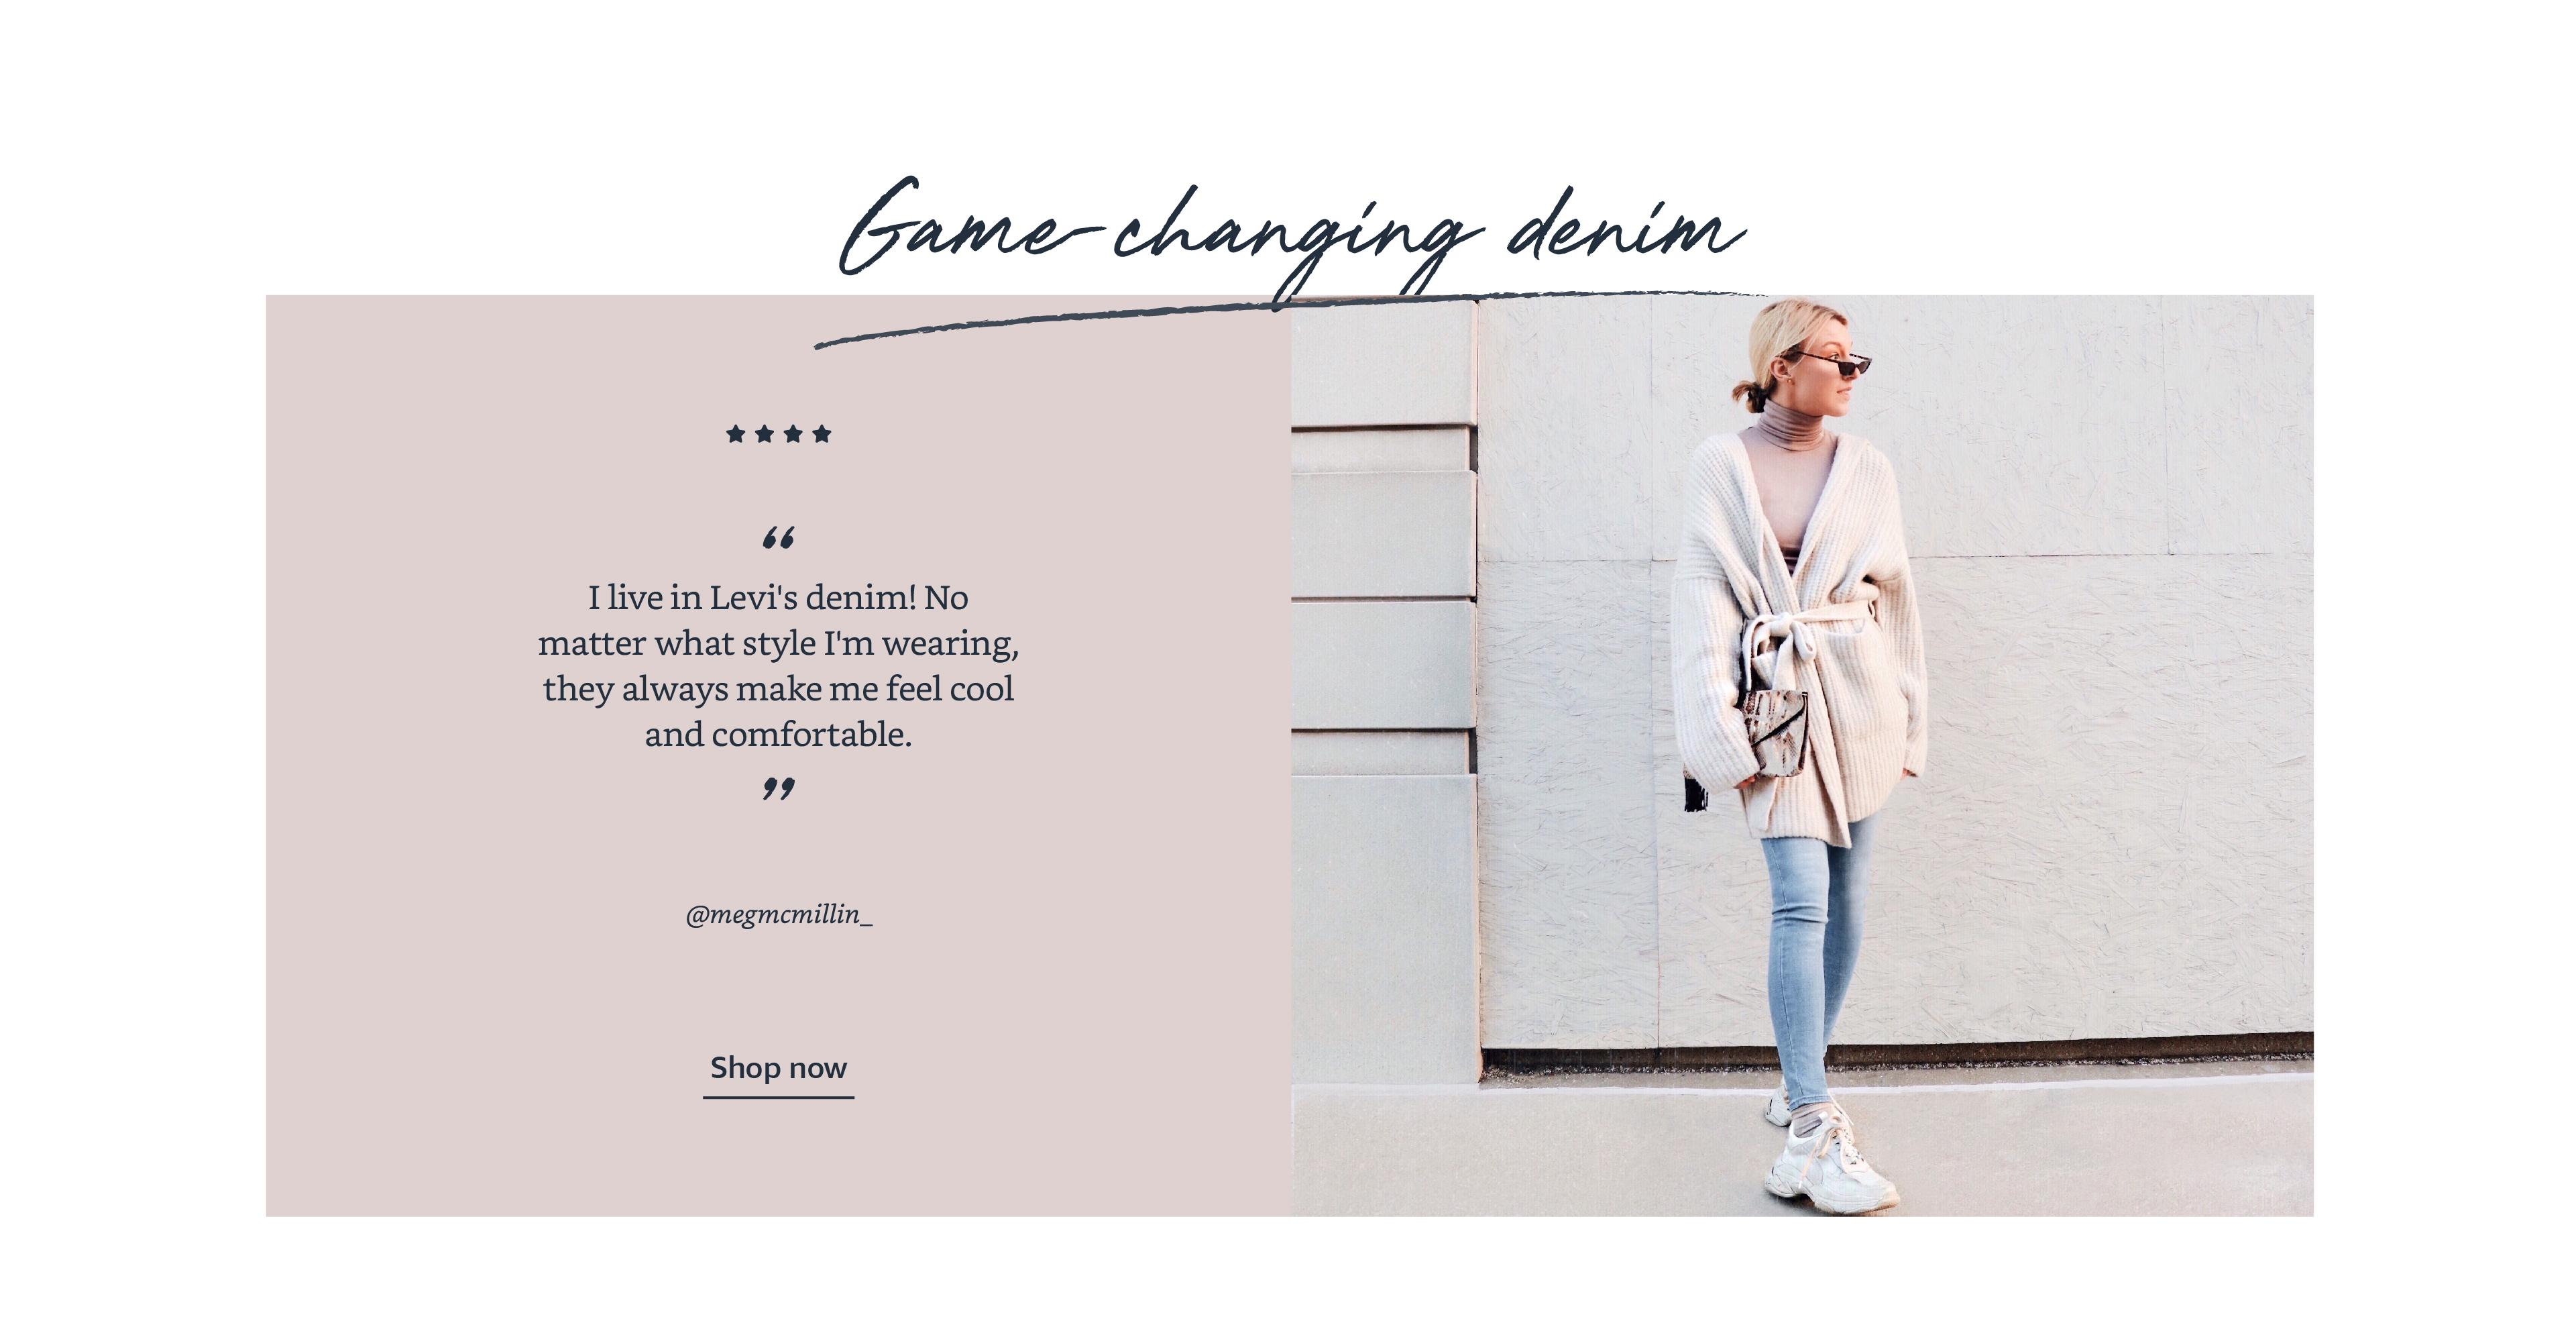 Game-changing denim